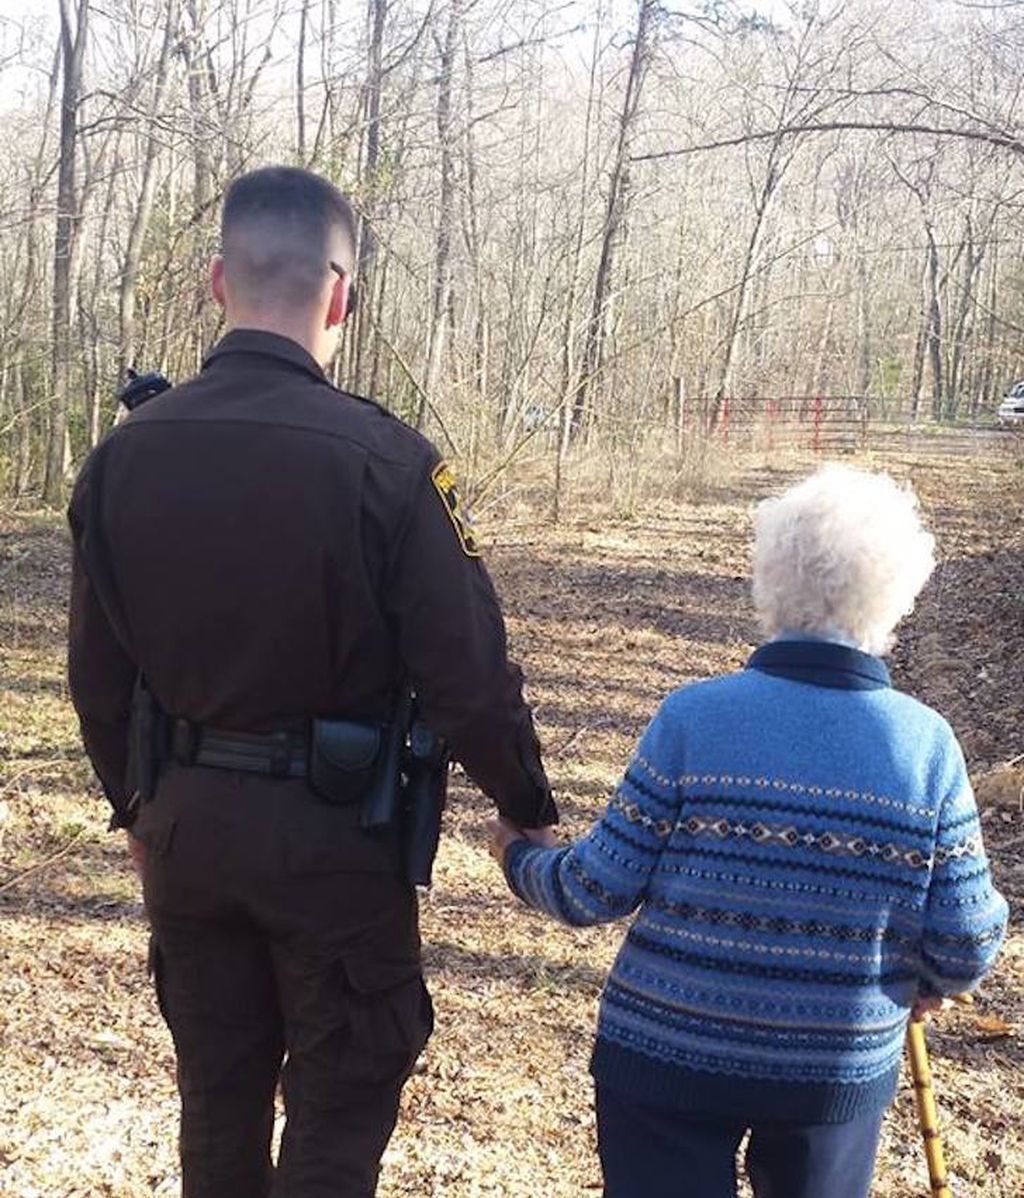 La anciana y el policía que han conmovido a las redes sociales